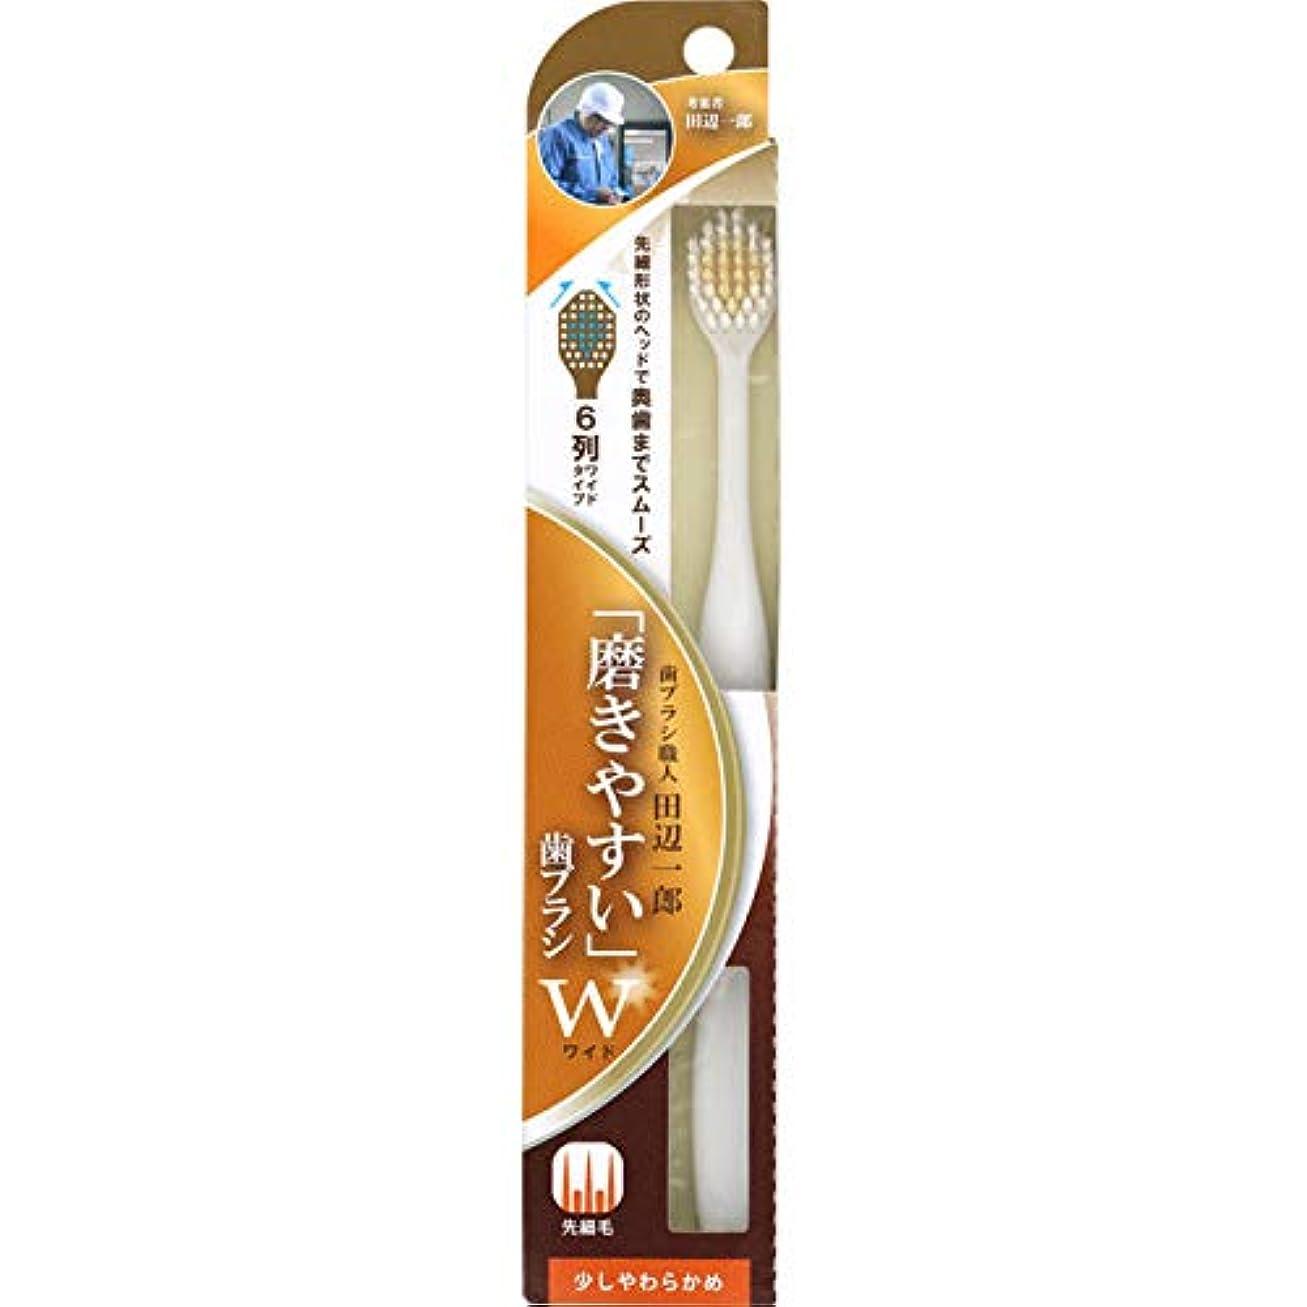 クリークソフィー肉腫ライフレンジ LT-46 磨きやすい歯ブラシ ワイド 少しやわらかめ 1本入 ※カラーは選べません。